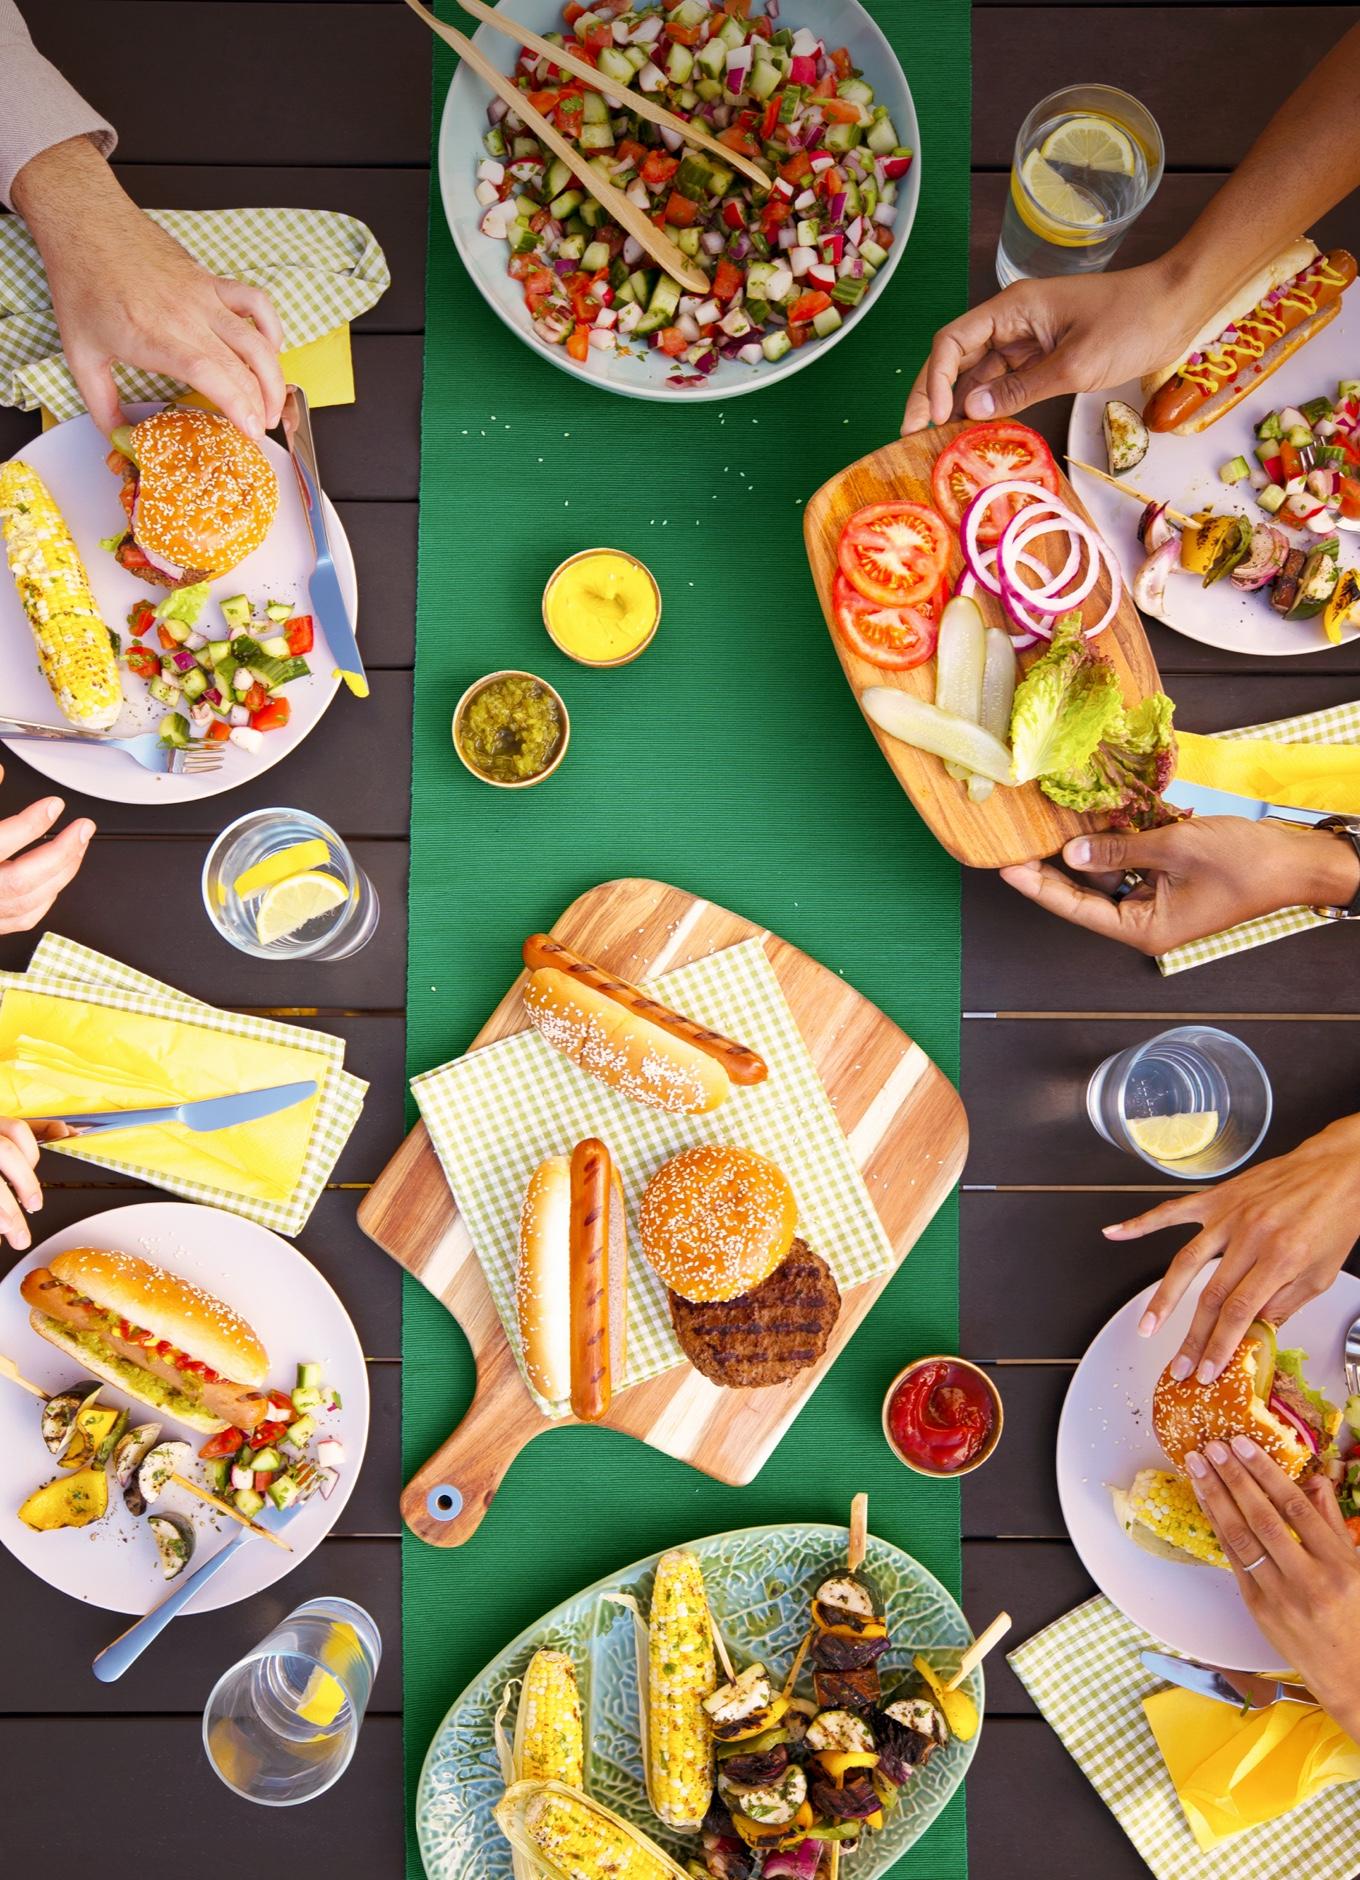 Une table de jardin dressée pour un barbecue, avec assiettes de hamburgers, de maïs grillé et d'accompagnements.